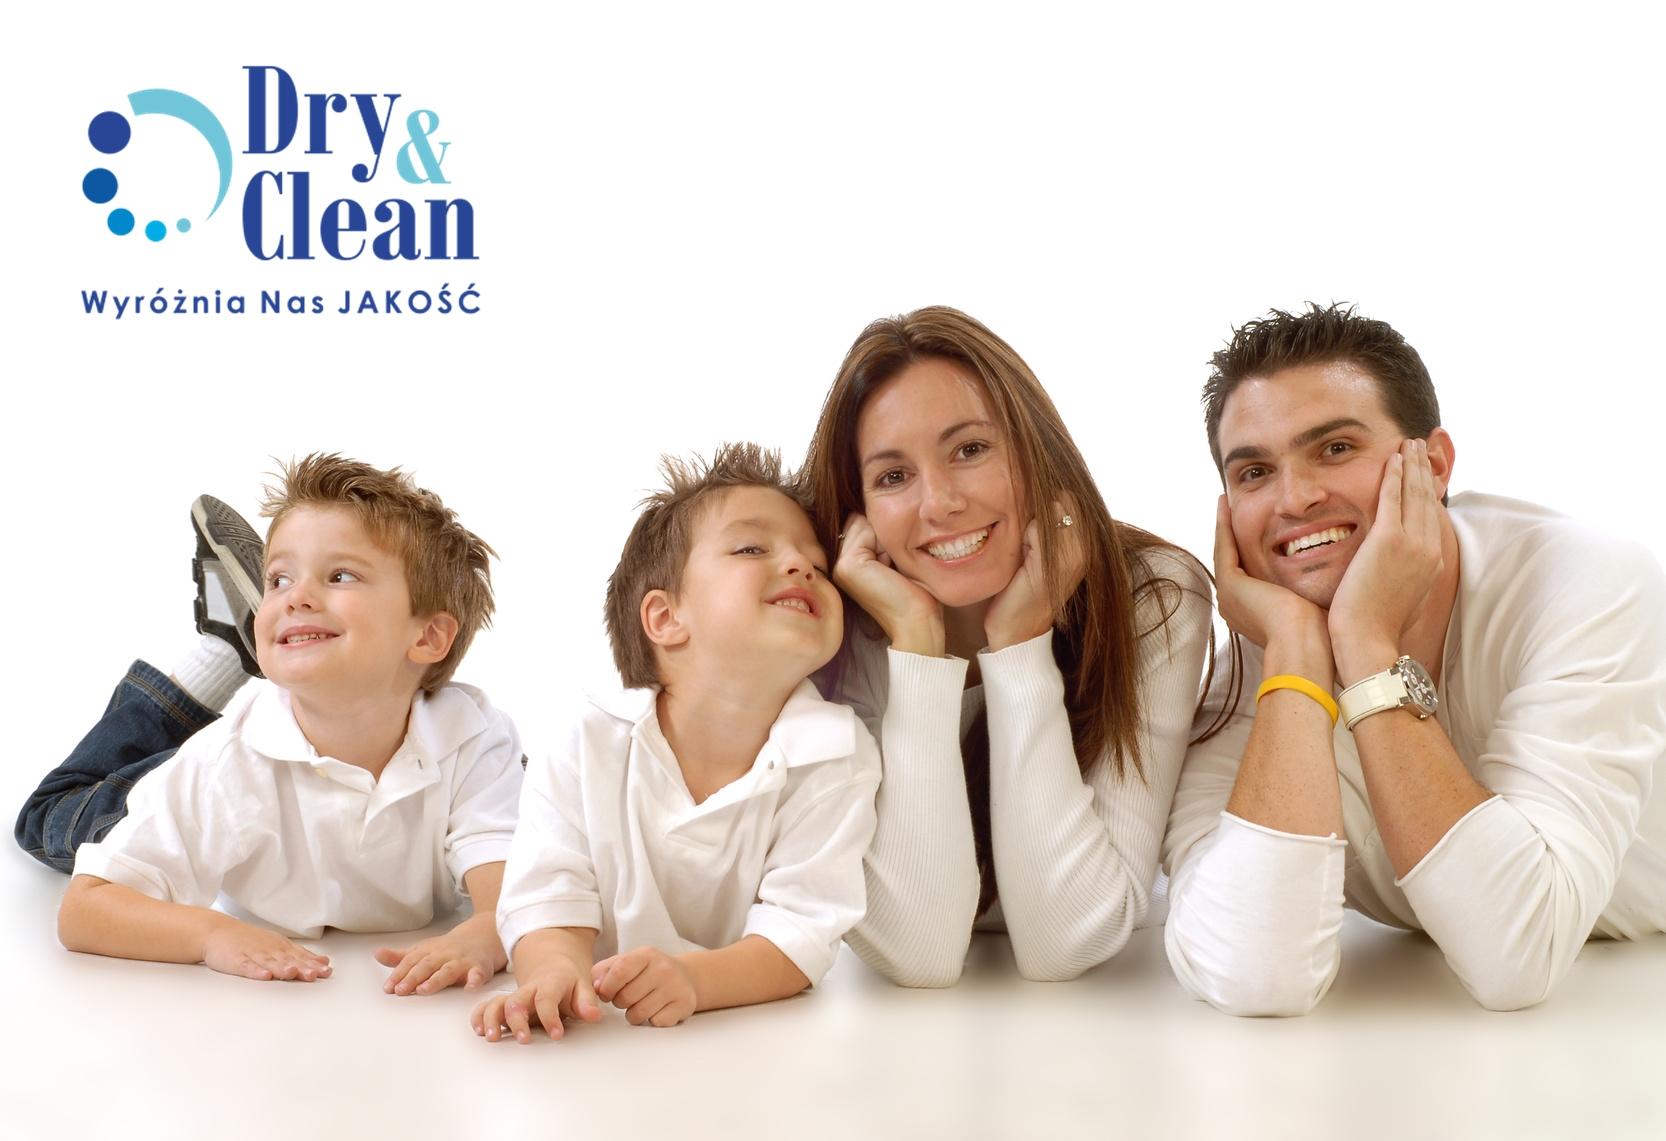 Najlepsza pralnia w Warszawie Pralnia Dry-Clean